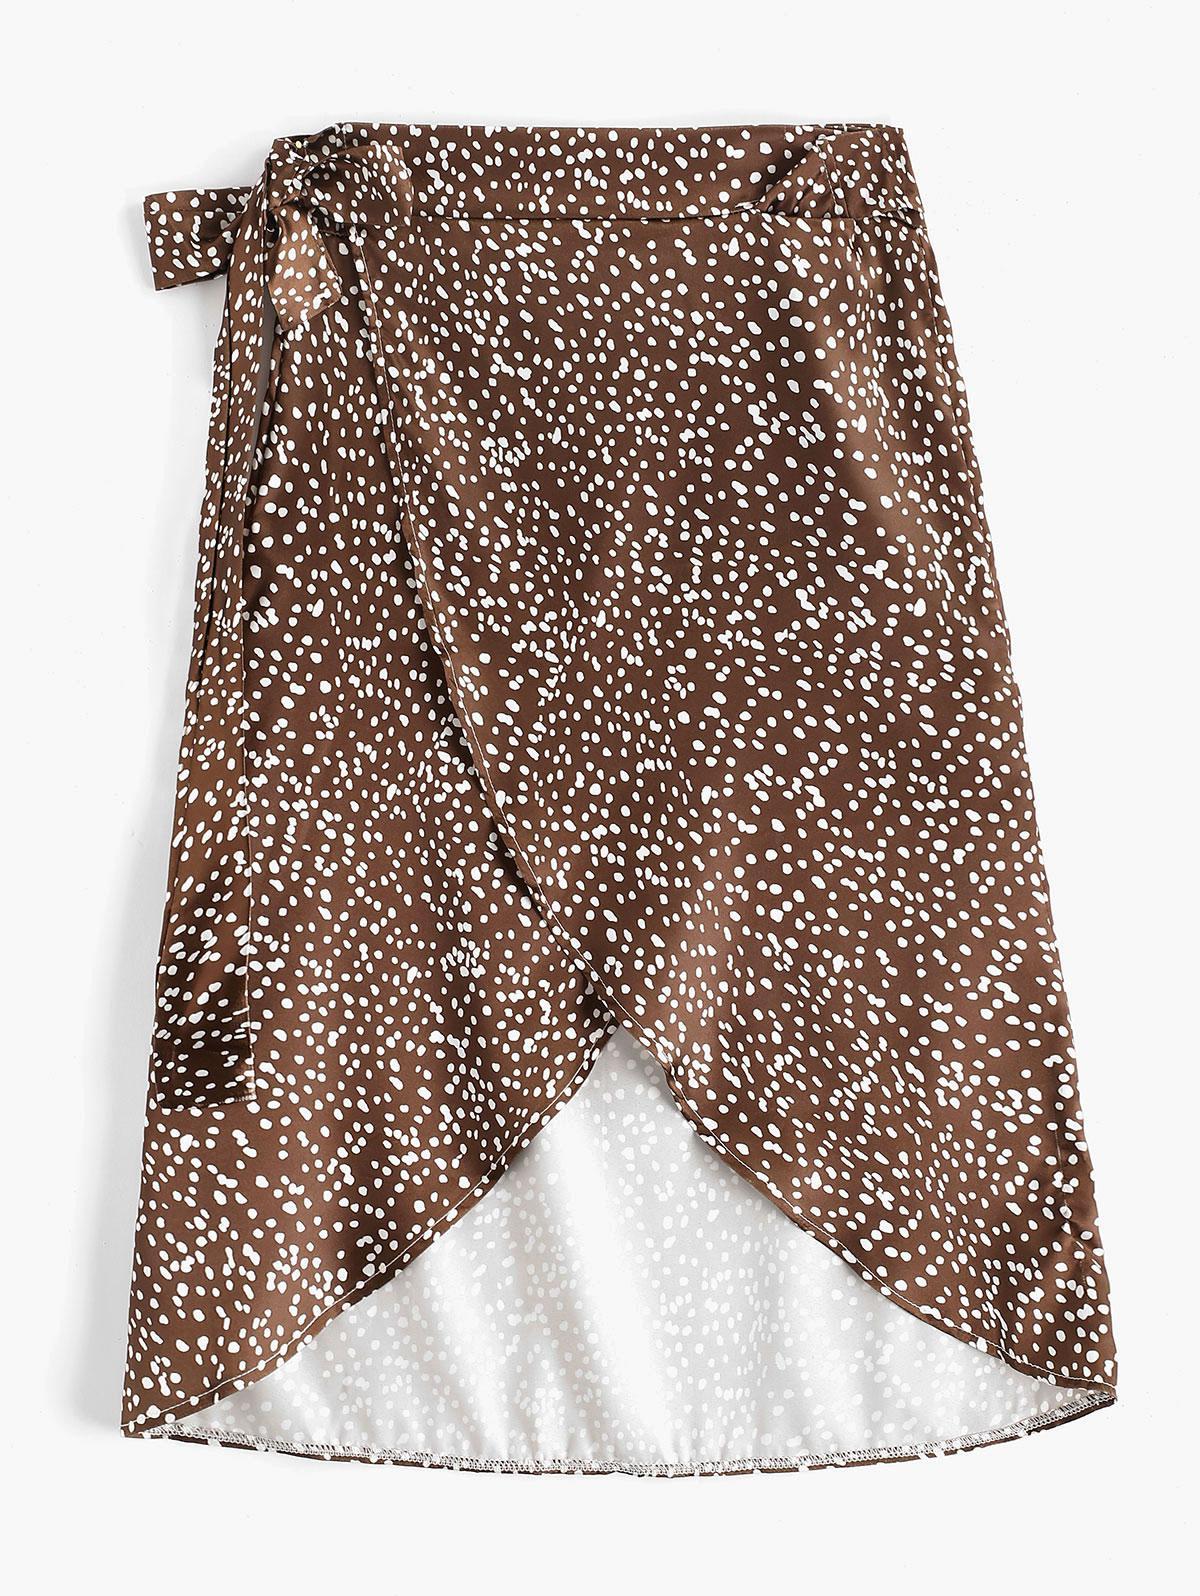 Dalmatian Dot Print Satin Wrap Skirt